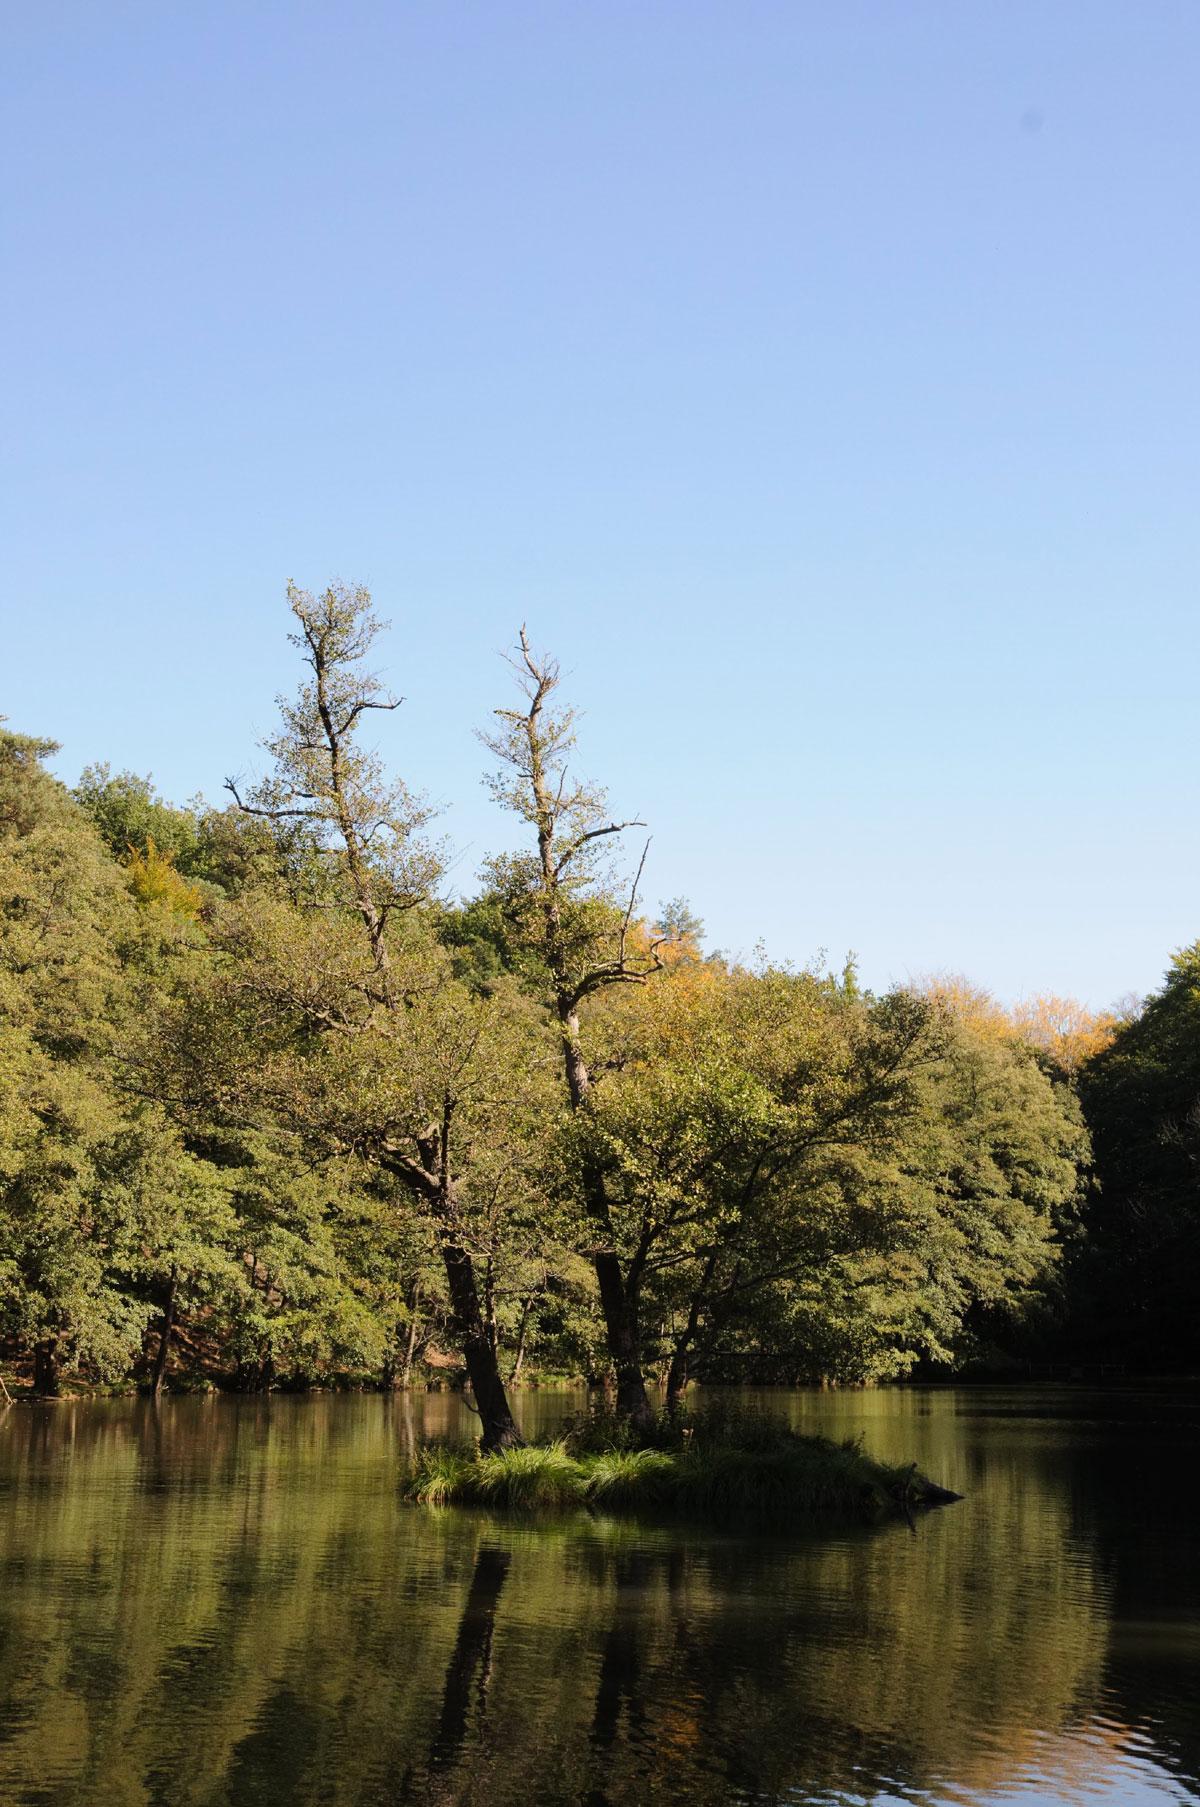 Teufelssee bei Bad Freinewalde